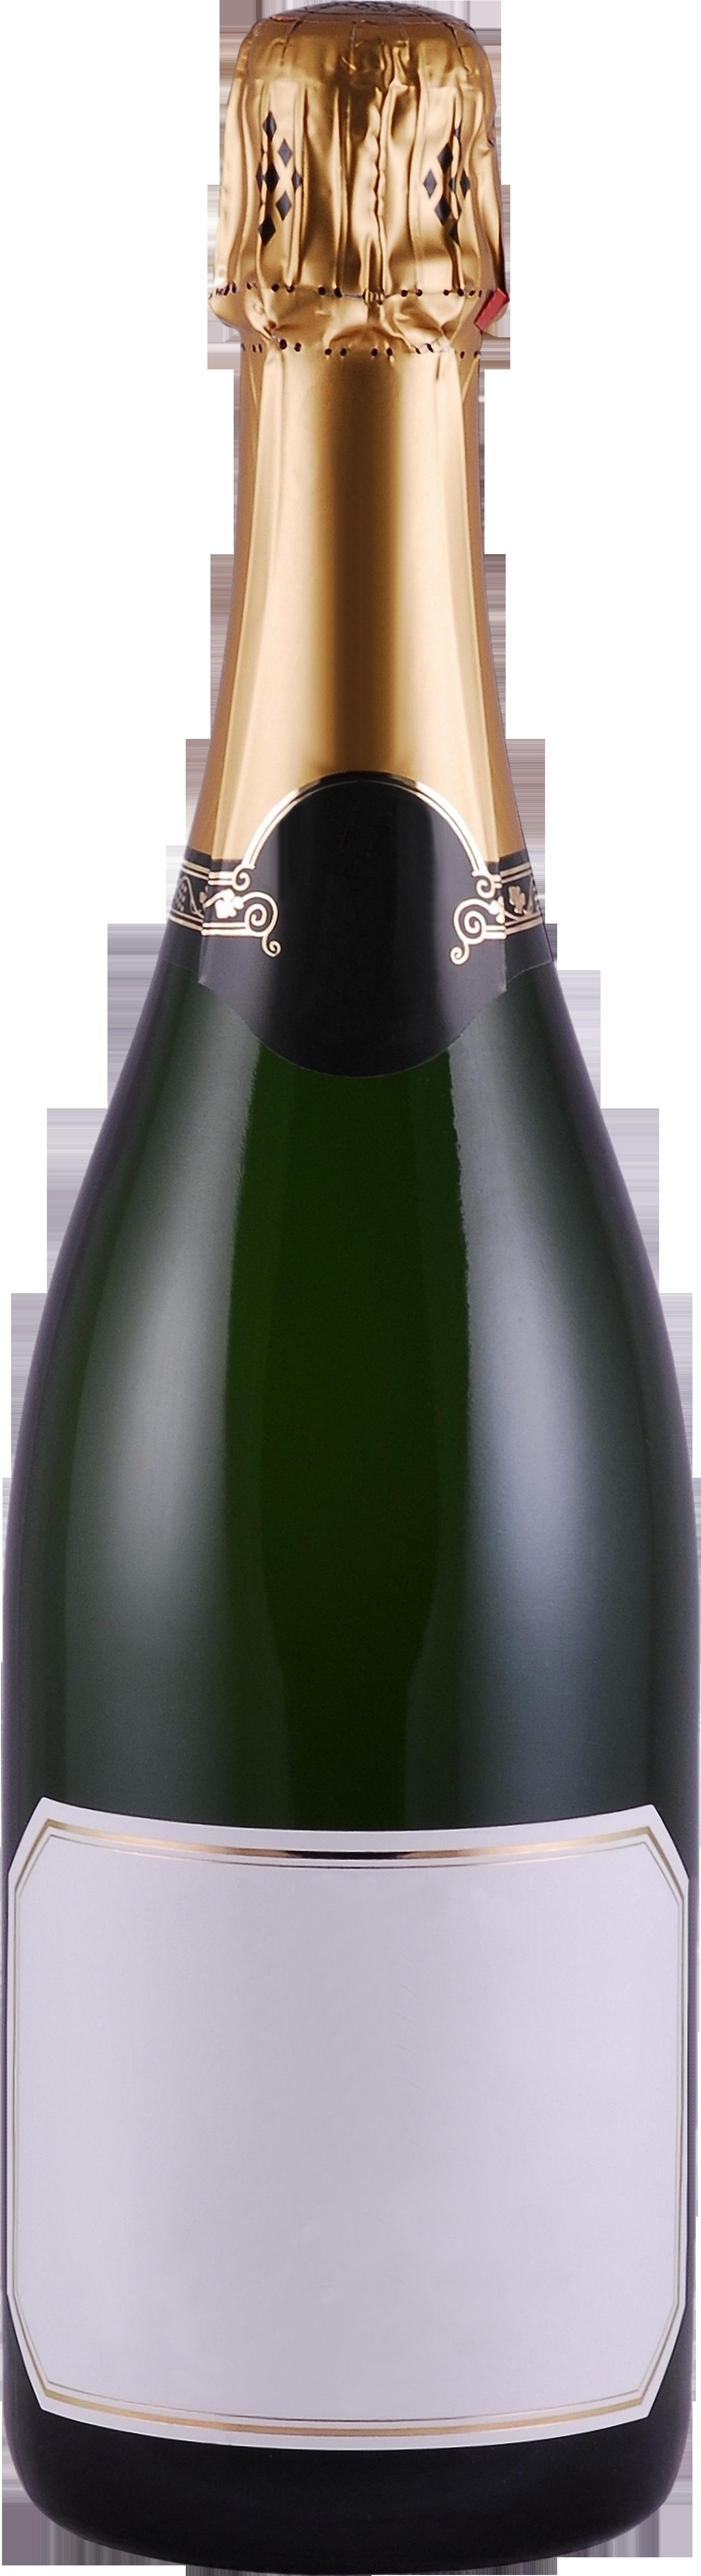 Bottle PNG - 24022